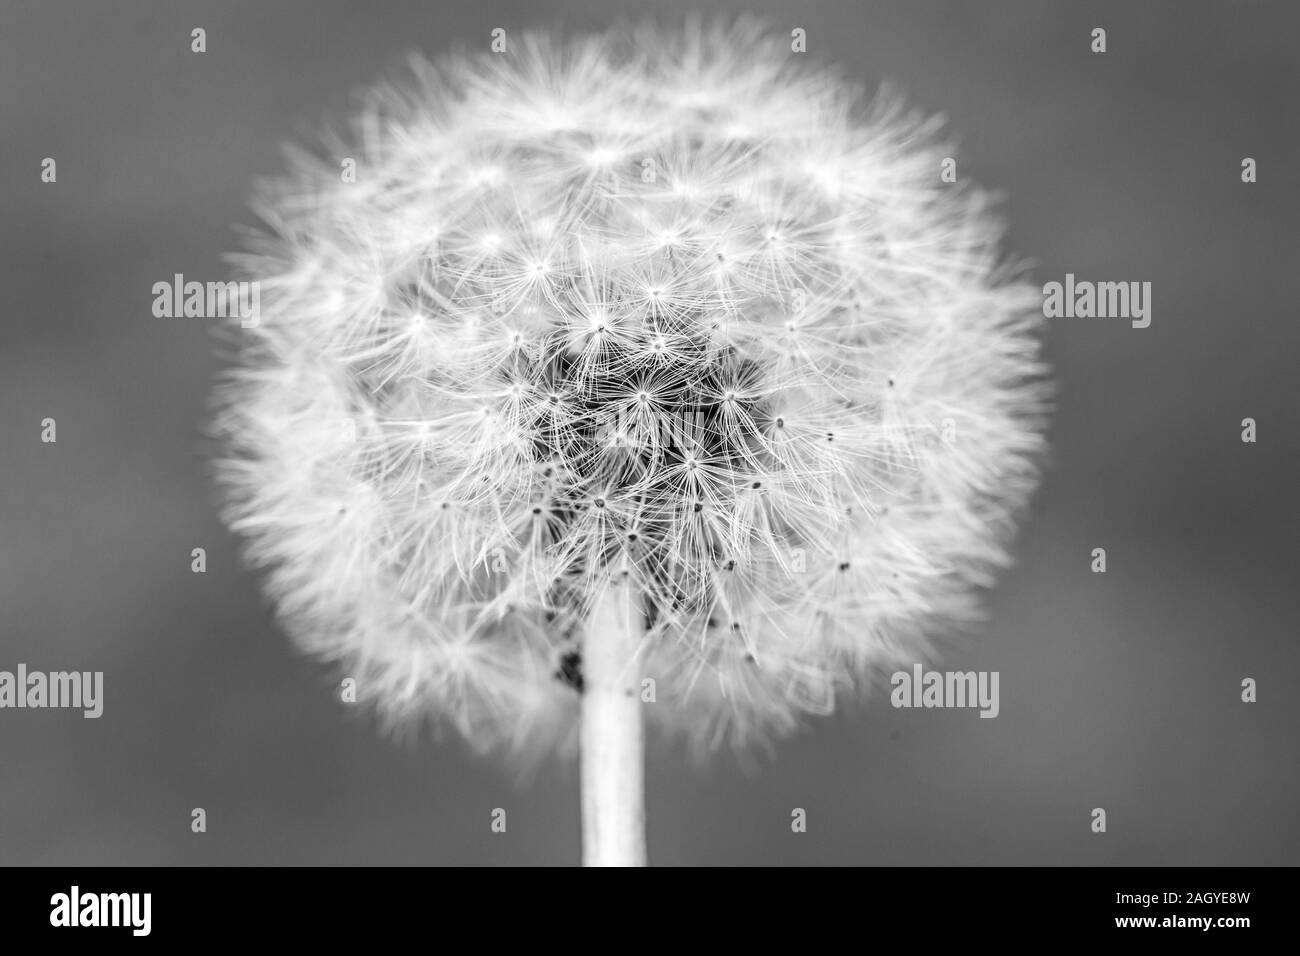 Le noir et blanc avec tête de pissenlit graines , Taraxacum officinale, Close up. Idée pour le papier peint. Banque D'Images